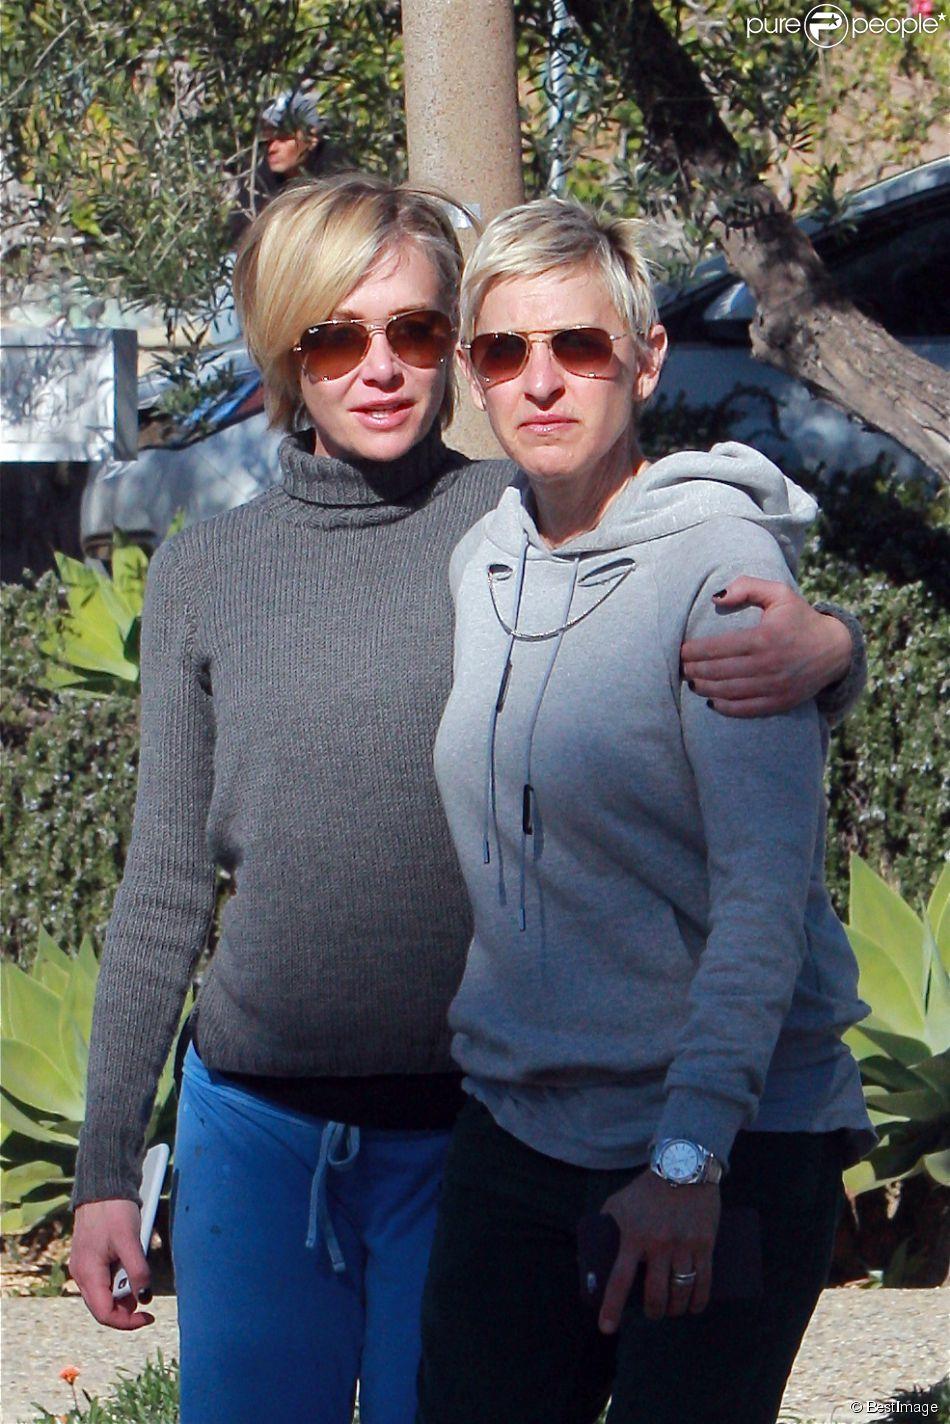 Exclusif - Ellen DeGeneres et sa femme Portia de Rossi sortent de la boutique Alice's Nail à Montecito, le 29 décembre 2014.